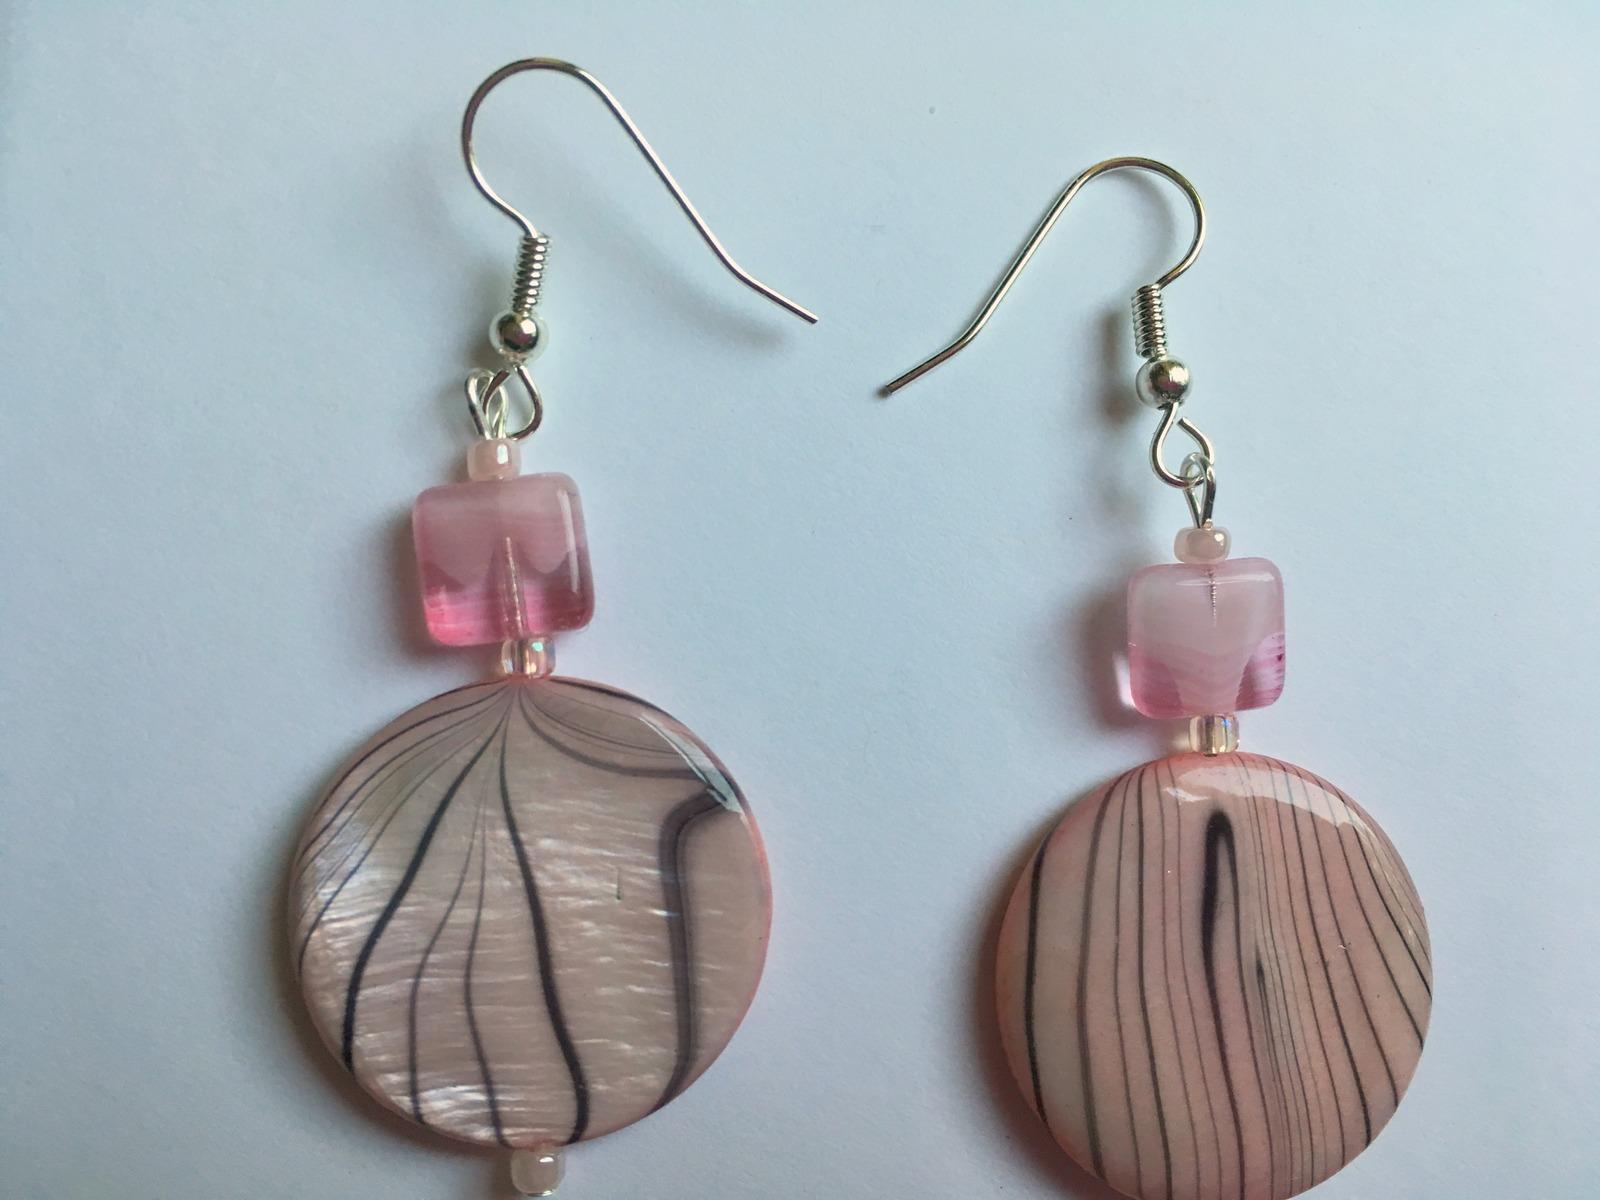 Pink Striped Disc Dangle Hook Earrings, Silver Plate, Drop Earrings, Gift Idea